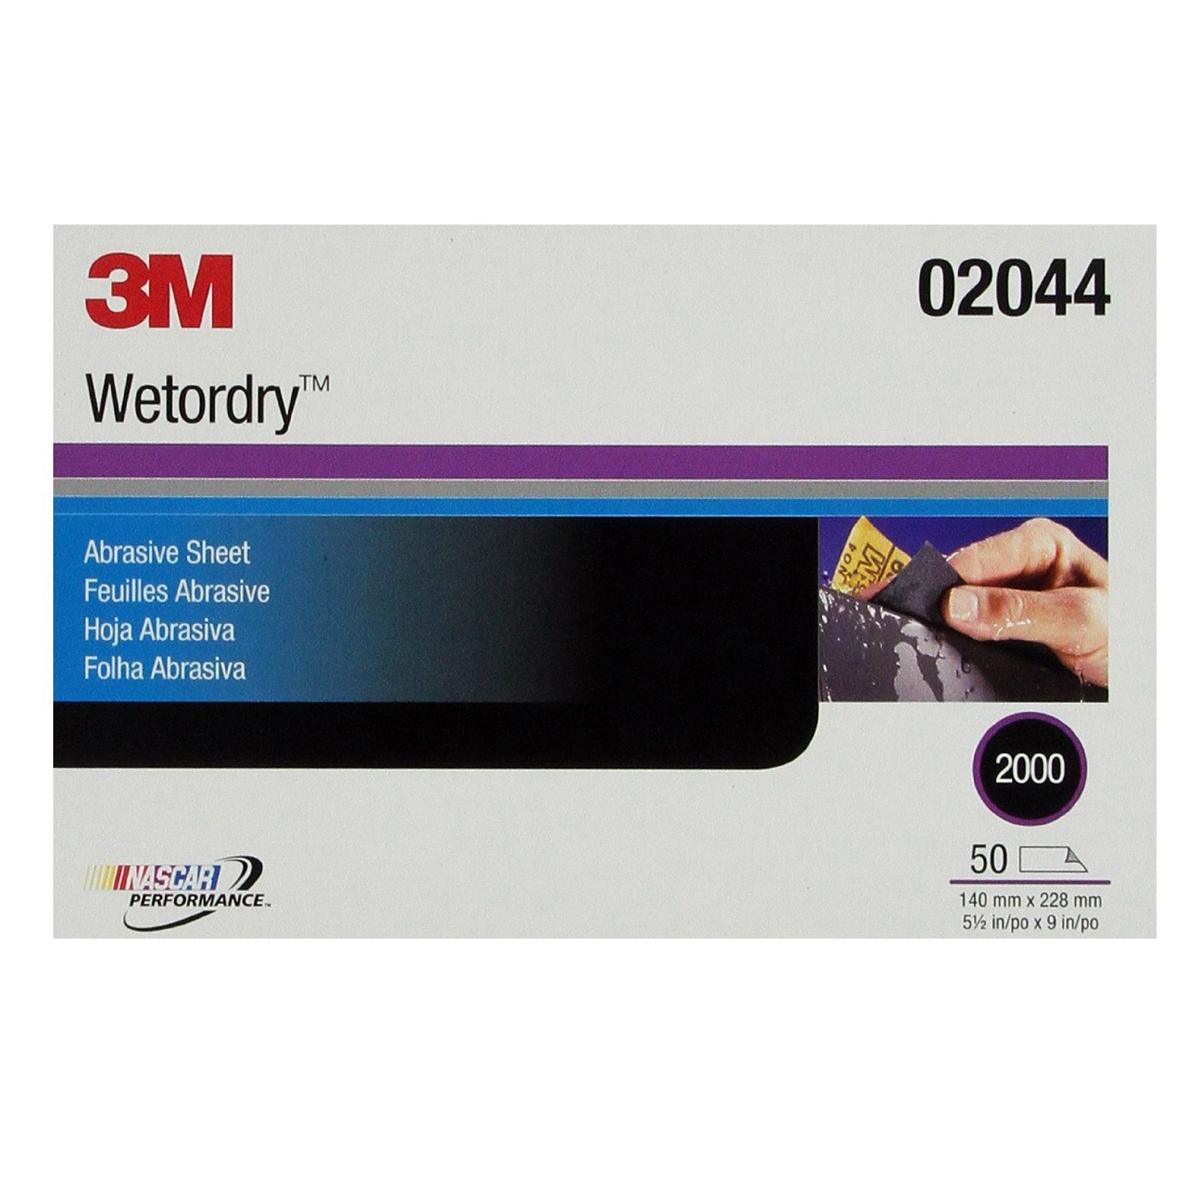 Giấy nhám cao cấp 3M 02044 Wetordry Abrasive Sheet P2000 (50 tờ/hộp)